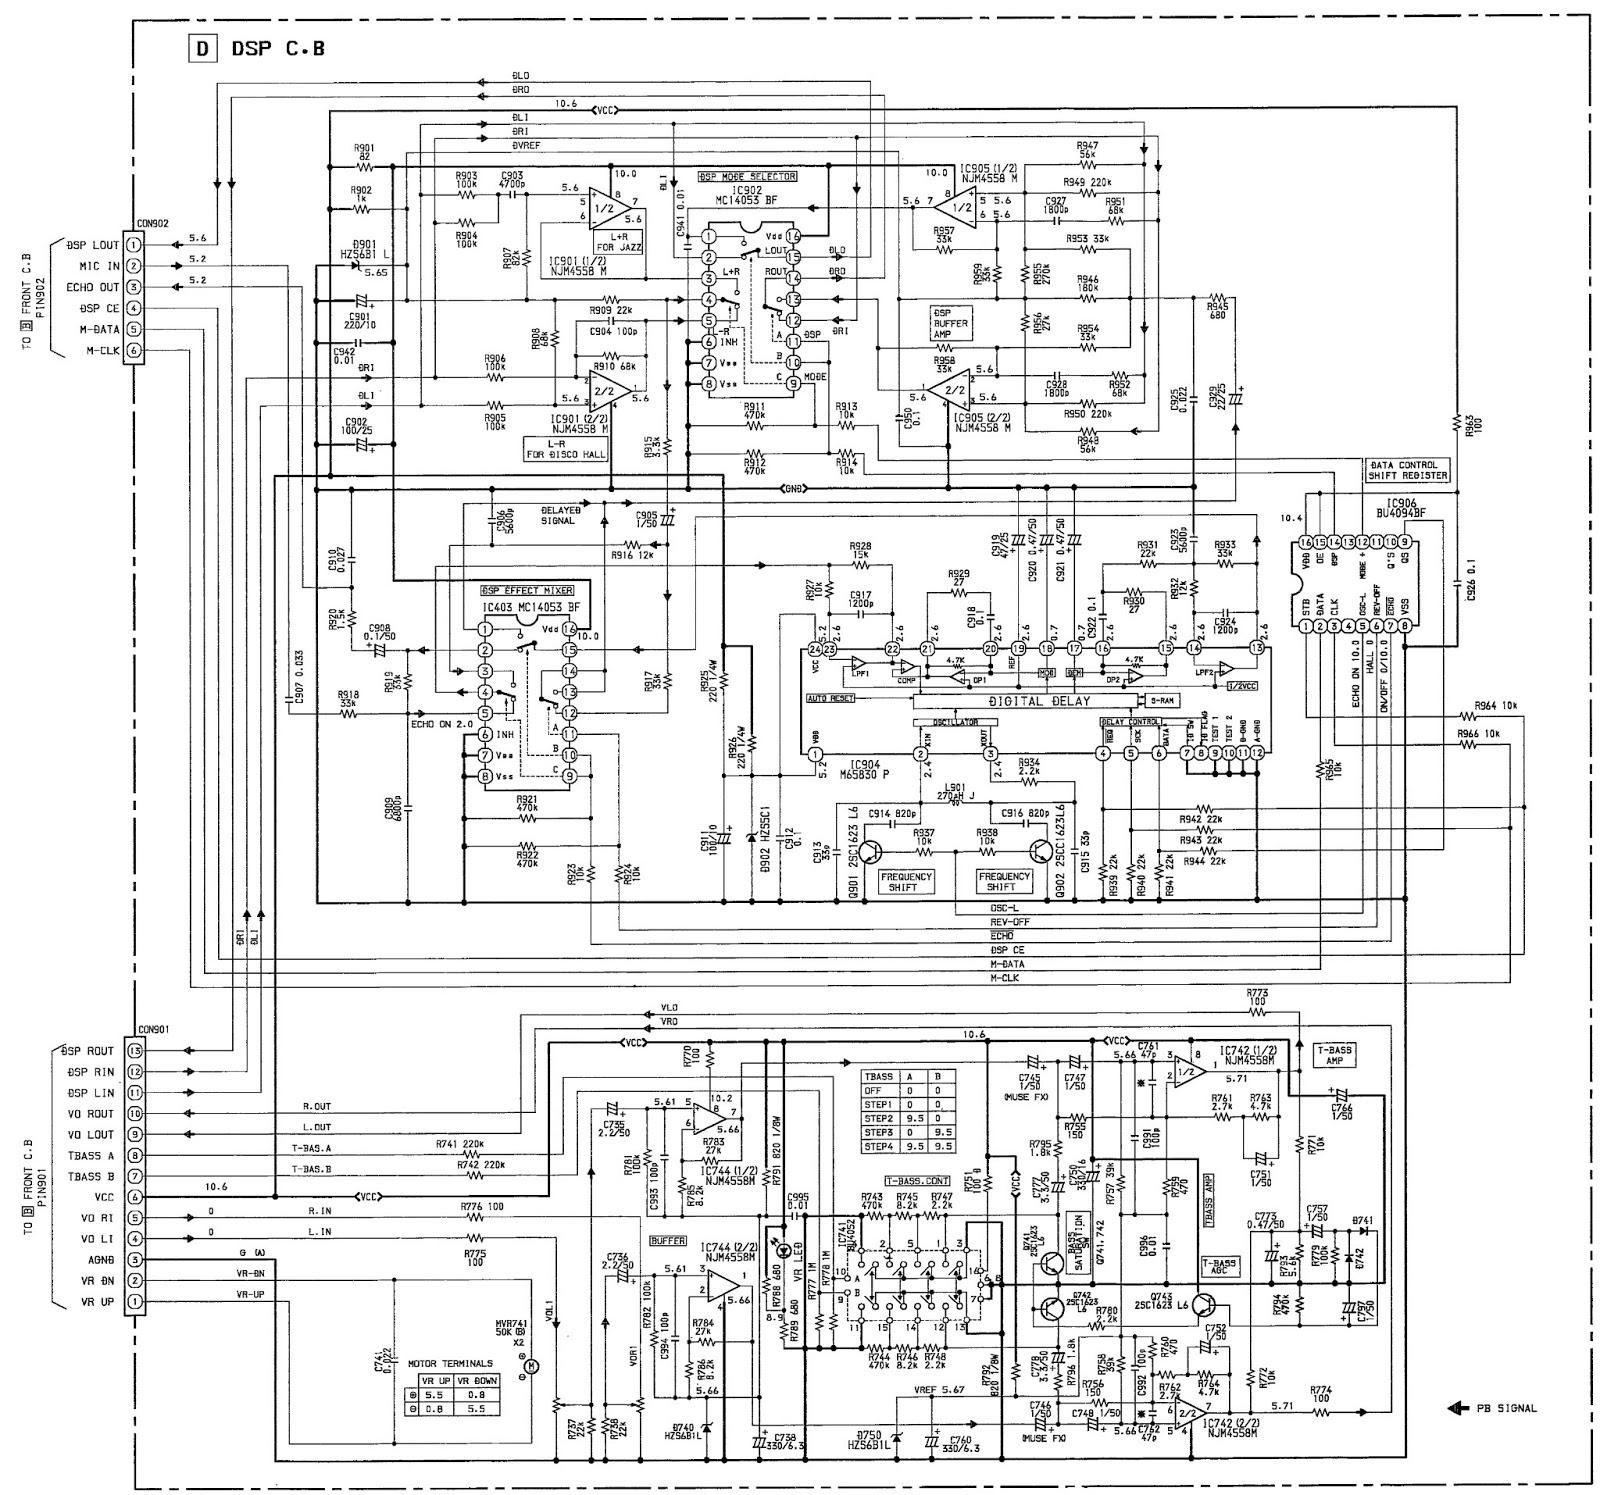 aiwa xs-z1100 - cx-z1100 - cx-z1200 - cx-zap1 - compact disc stereo system